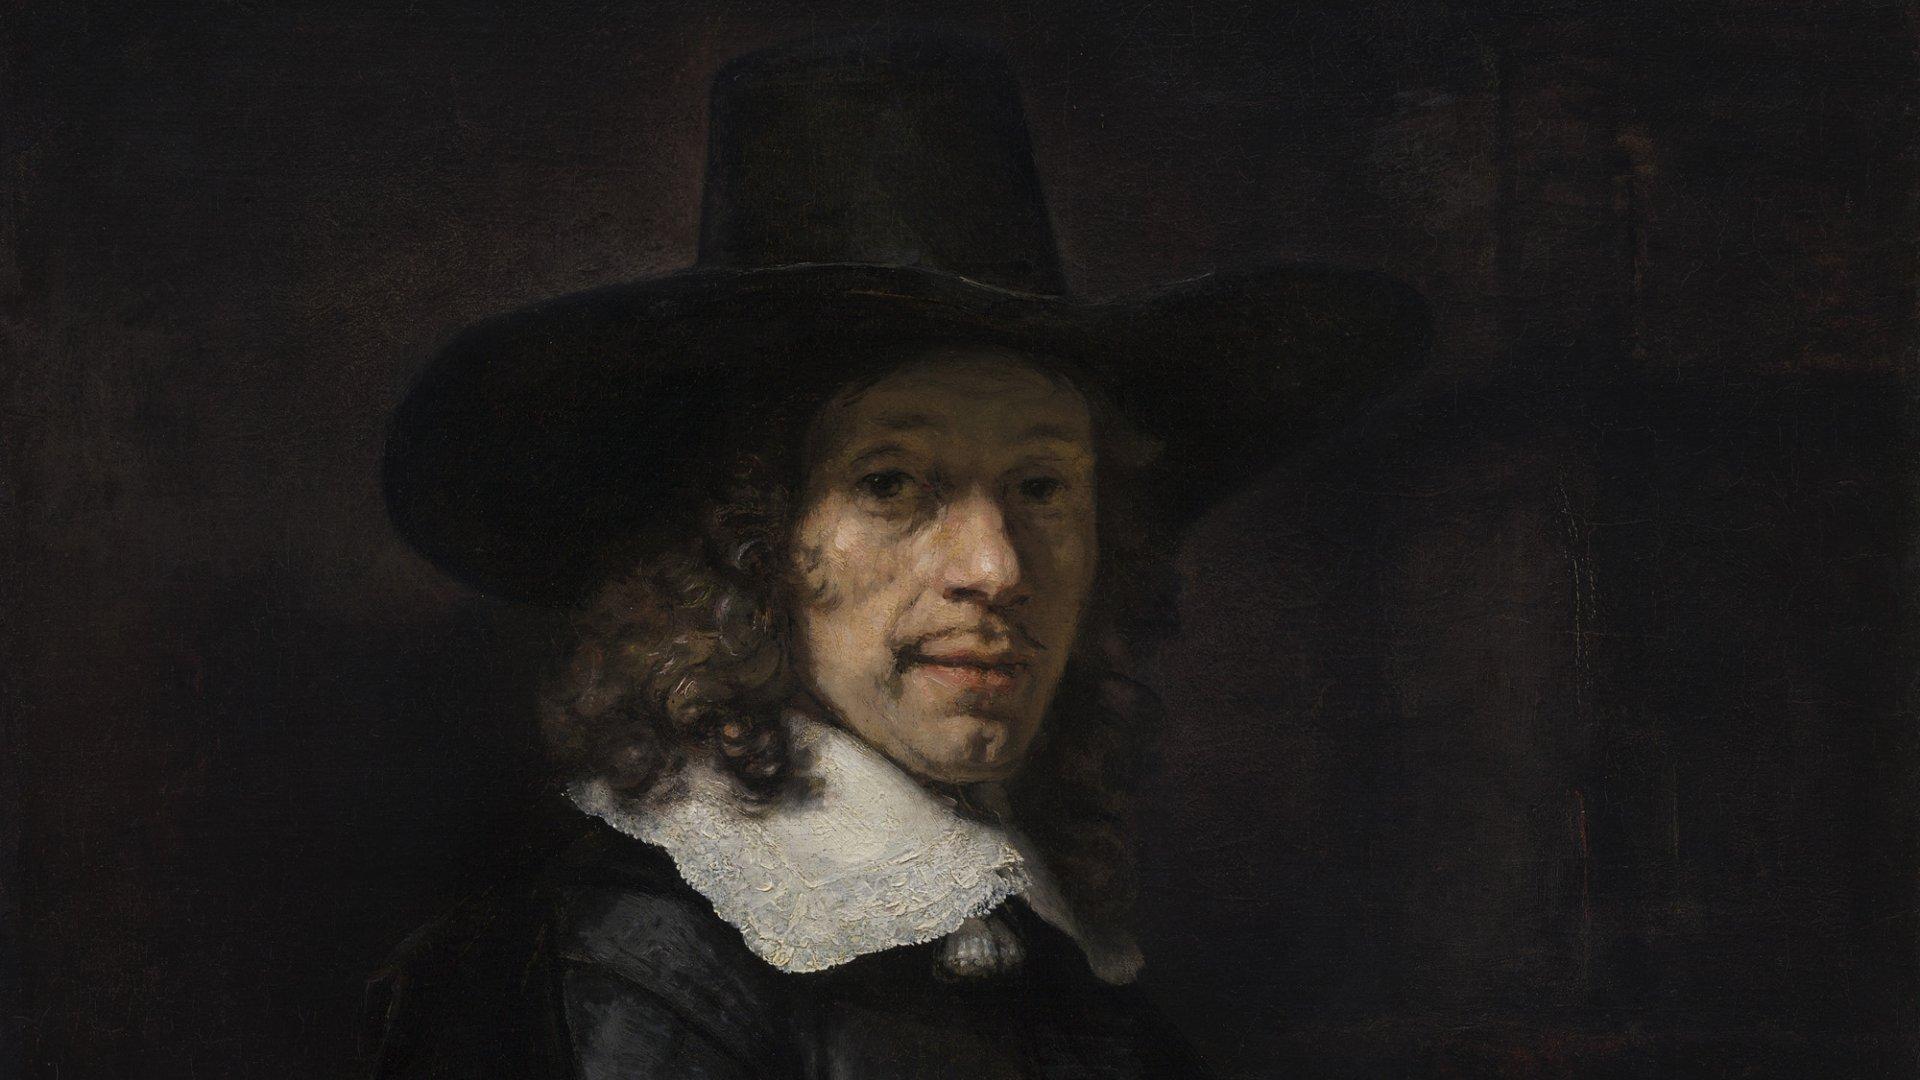 Rembrandt. Retrato de un caballero con sombrero y guantes. h. 1656-58. Washington, National Gallery oj Art, Widener Collection.